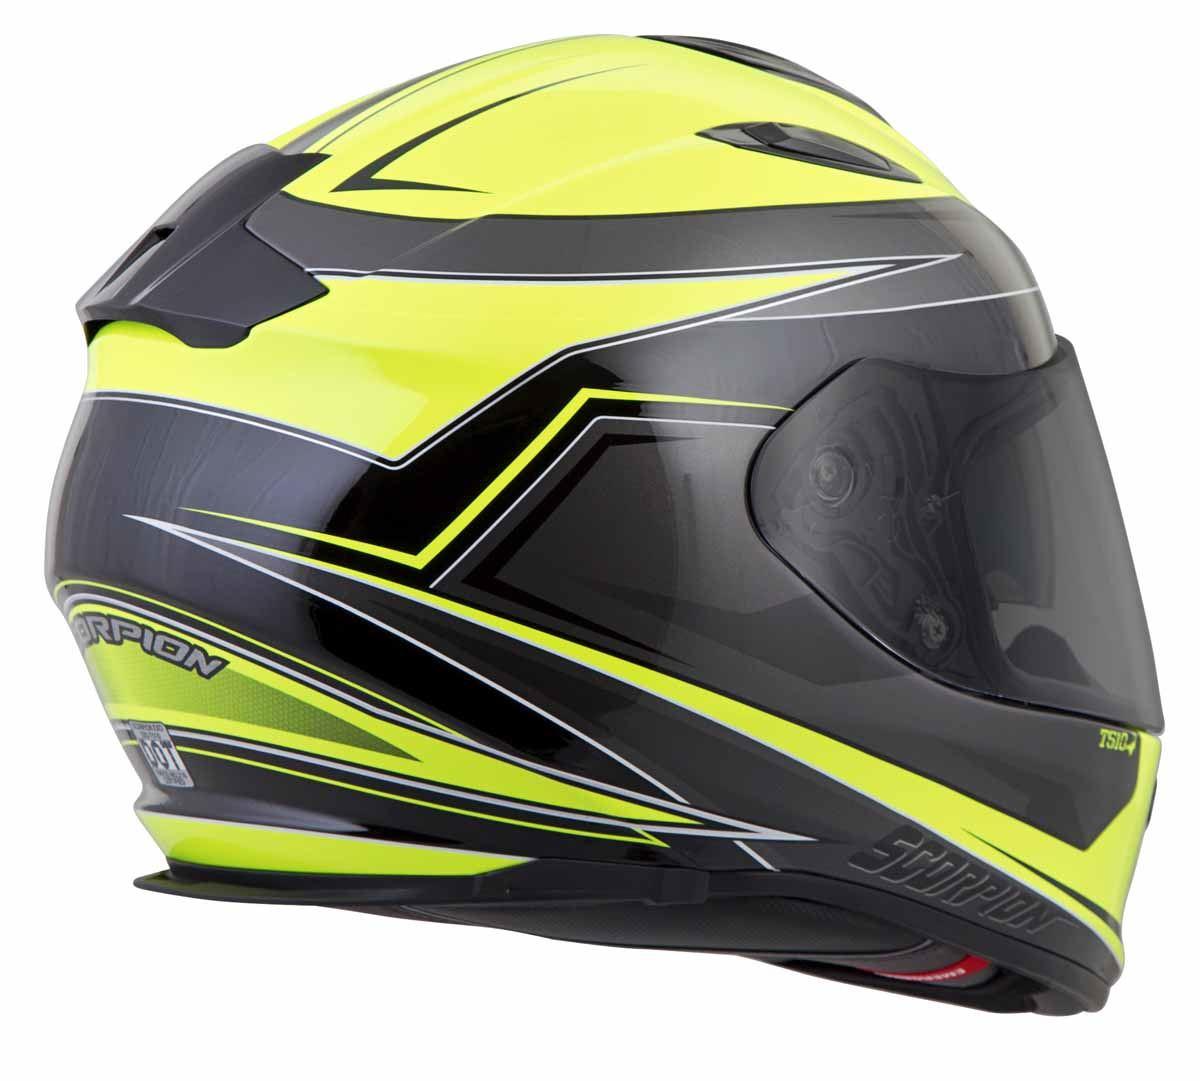 Scorpion-EXO-T510-Helmet-Full-Face-DOT-Approved-Inner-Sun-Shield miniature 41